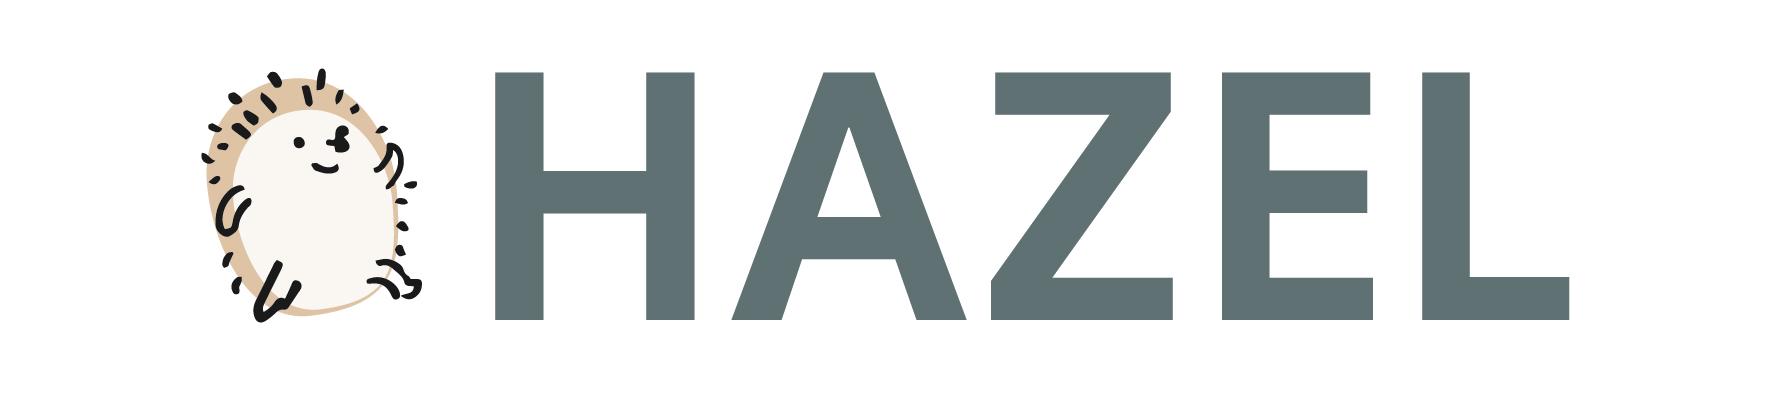 Hazel+name+web.jpg